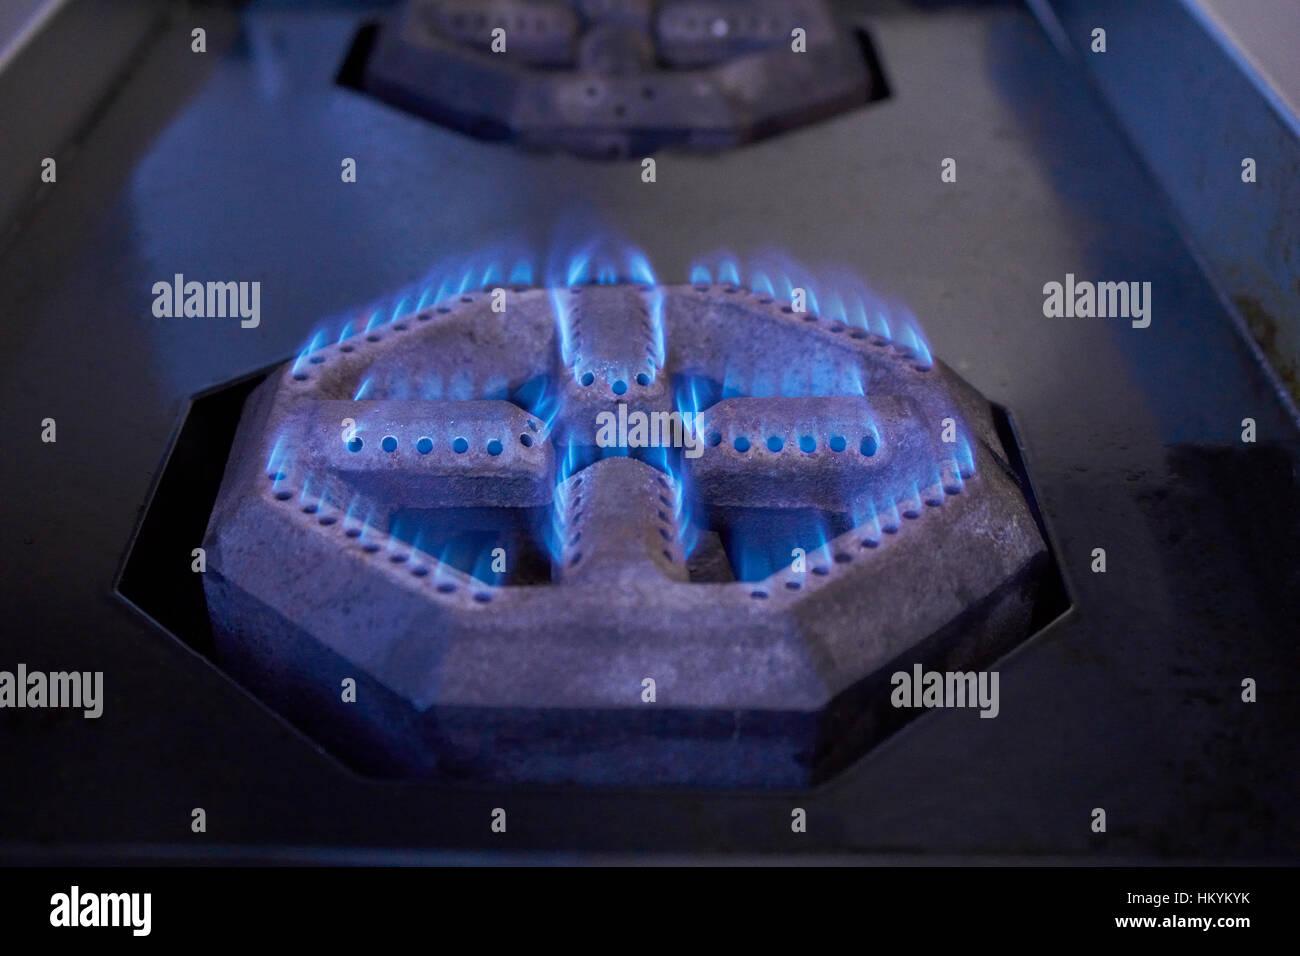 Brûleur cuisinière au gaz naturel Banque D'Images